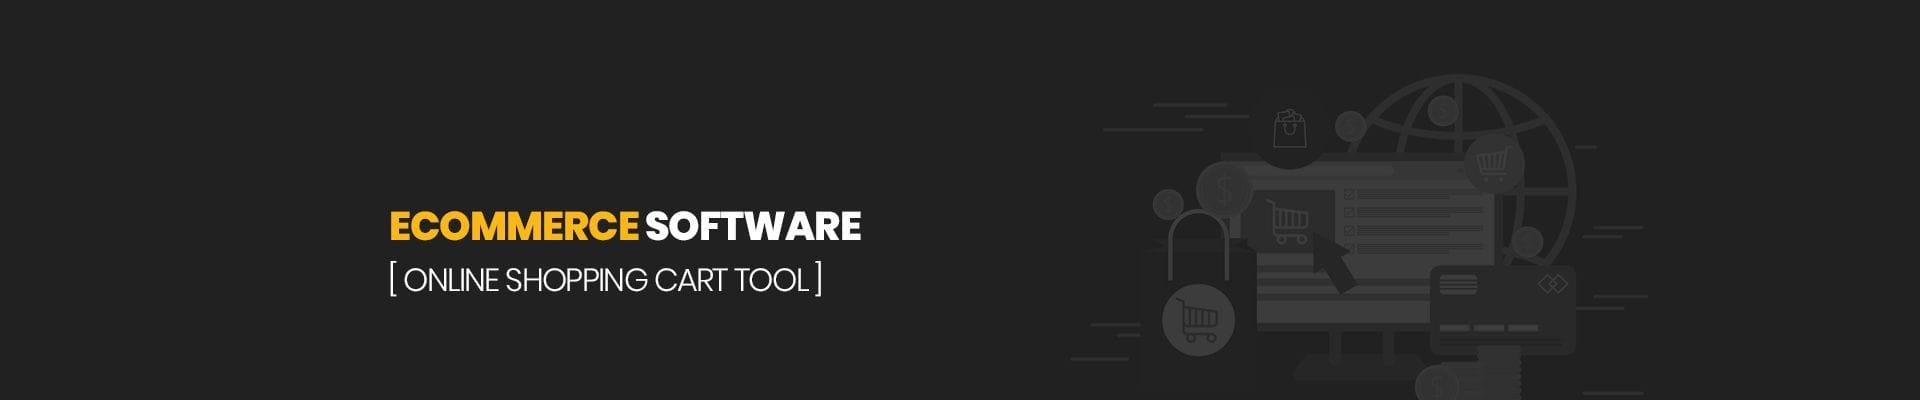 E commerce Software | Online Shopping Tool | E Commerce Platform